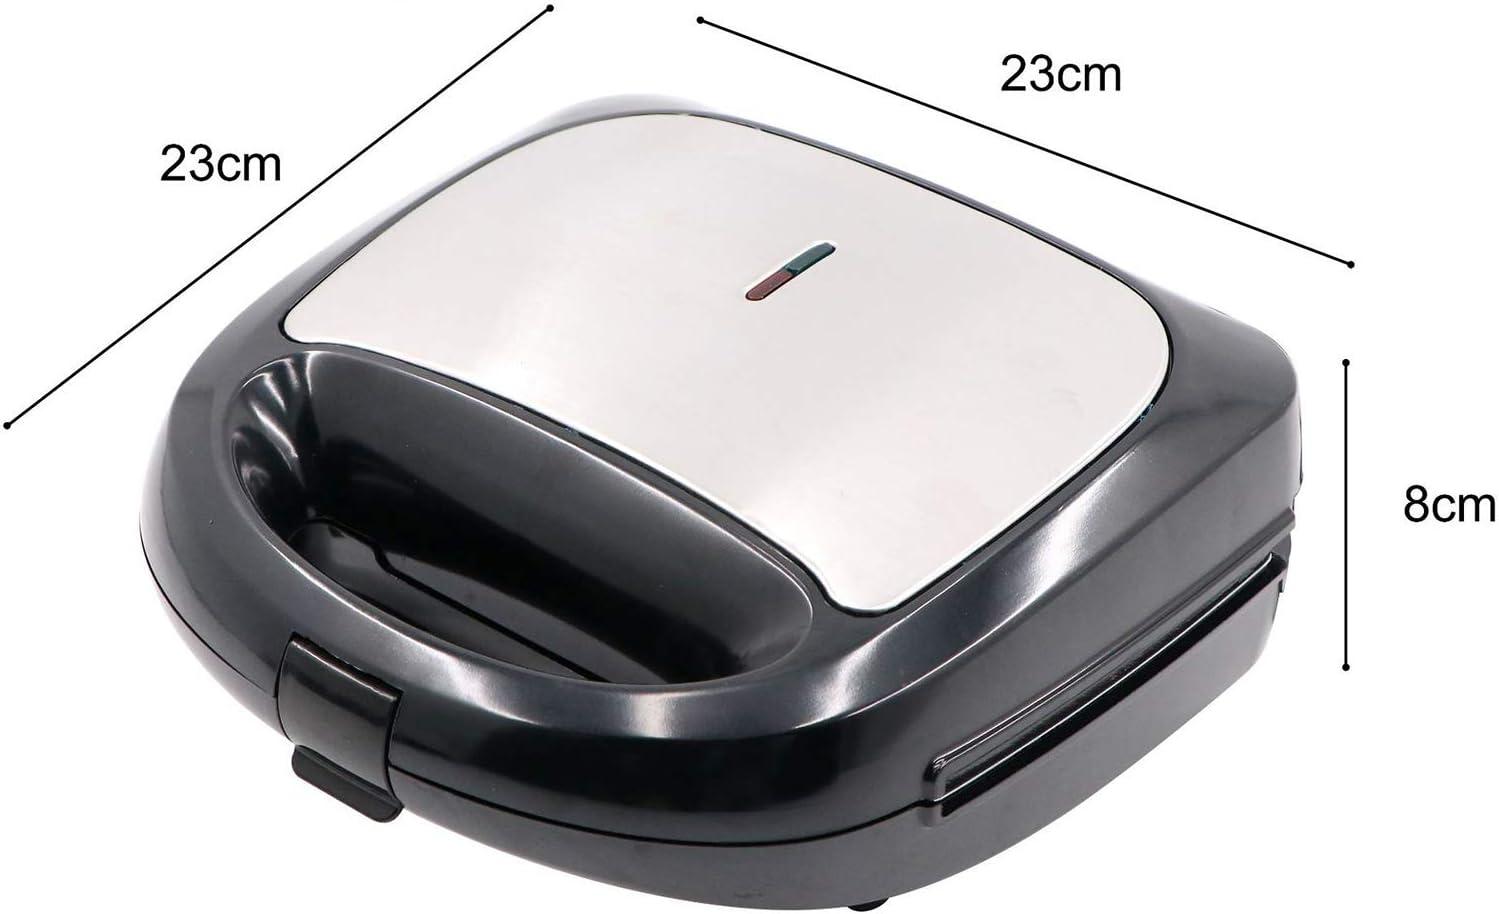 Wafelijzer 3-in-1 Sandwich-broodrooster Panini-maker Met Afneembare Antiaanbakplaten Panini-persgrill Compact Roestvrijstalen Ontwerp A